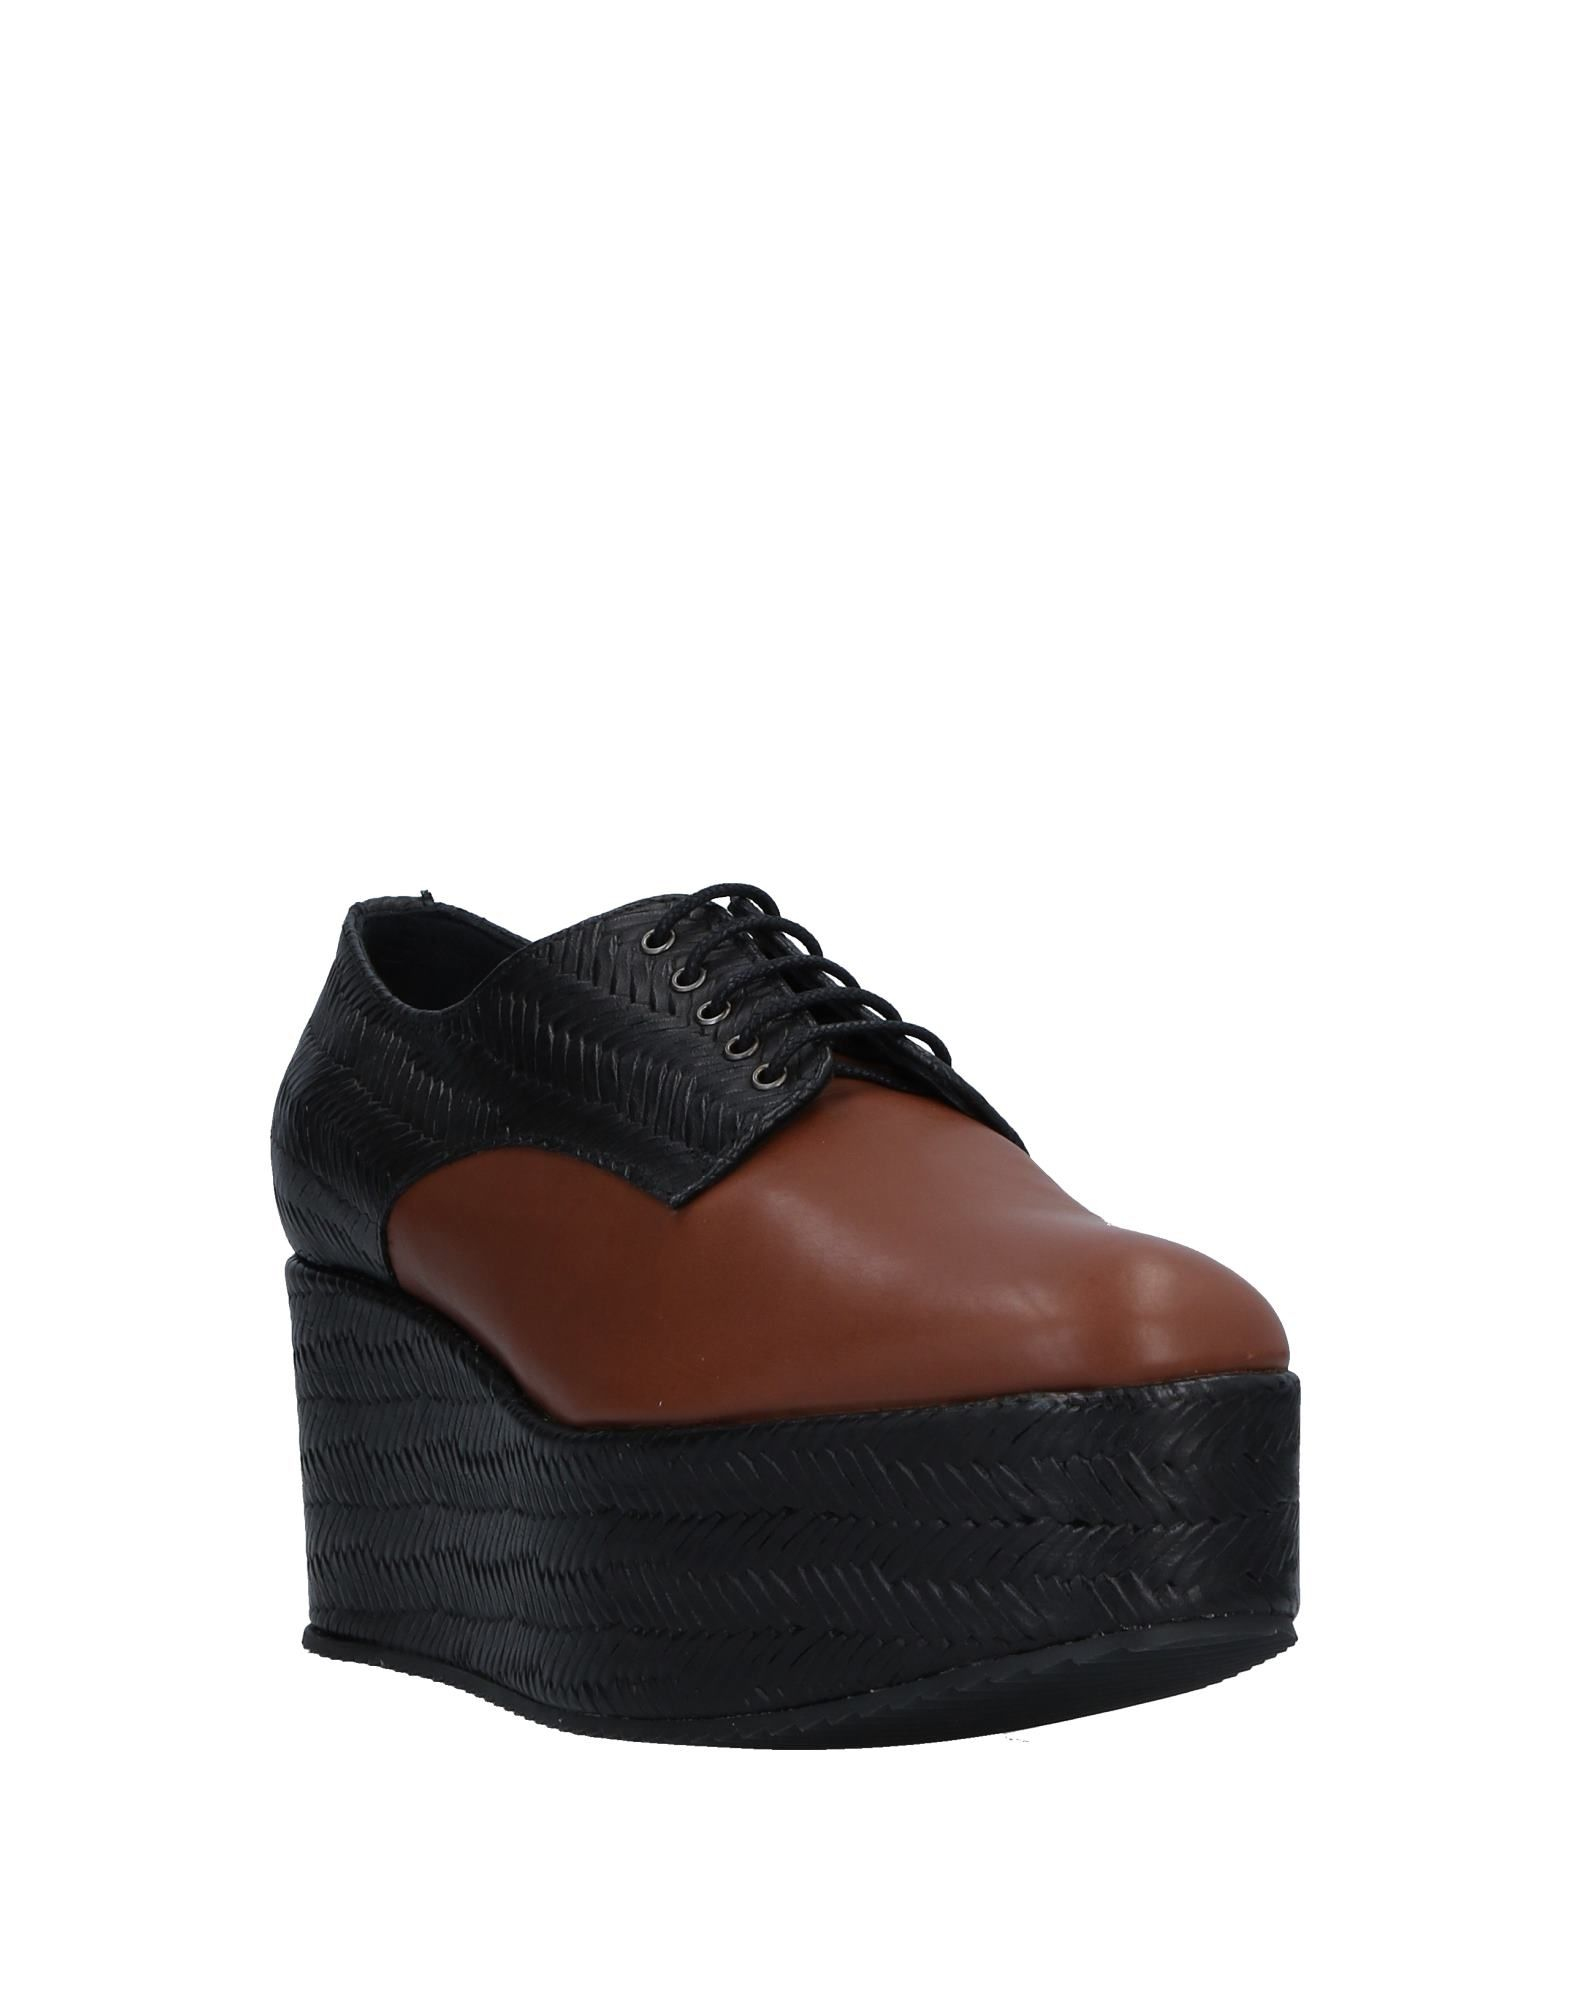 Stilvolle billige  Schuhe Castañer Schnürschuhe Damen  billige 11537061FC 2a3420